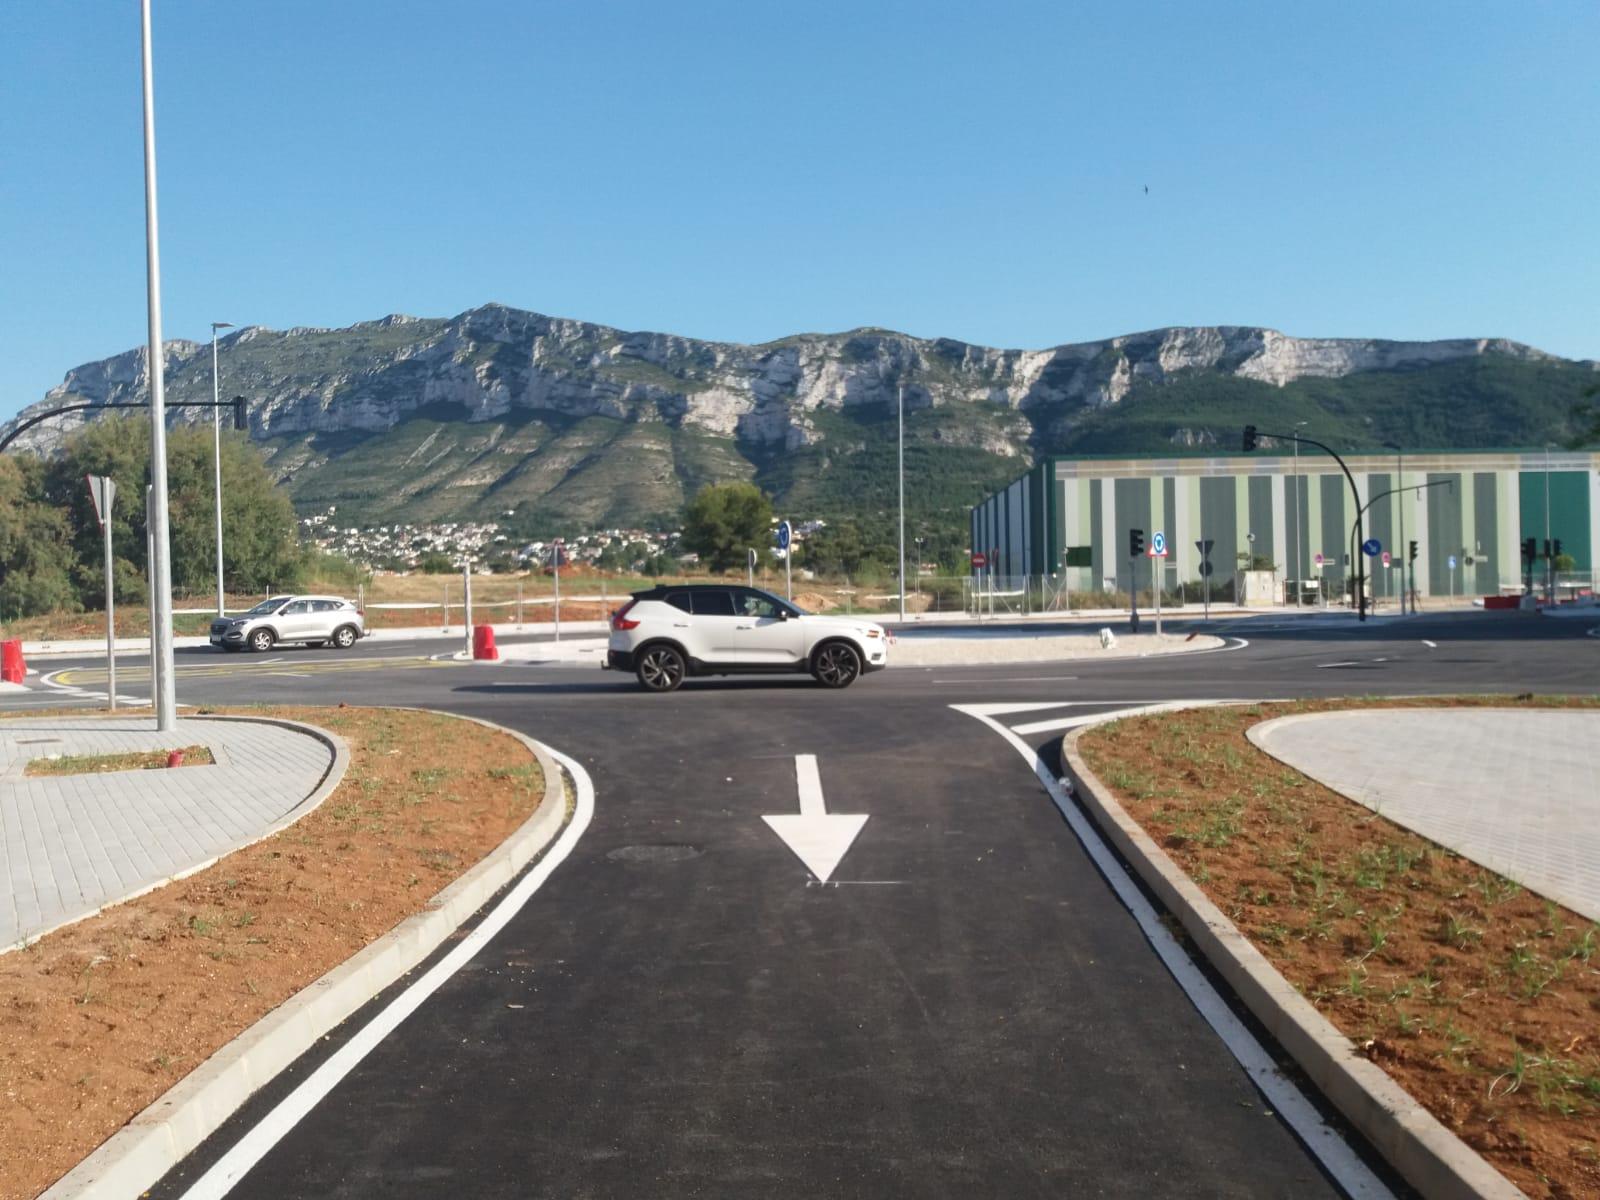 Ferrocarrils de la Generalitat finaliza las obras de tranviarización en el cruce de la avenida Joan Fuster con la avenida Juan Chabás en Dénia